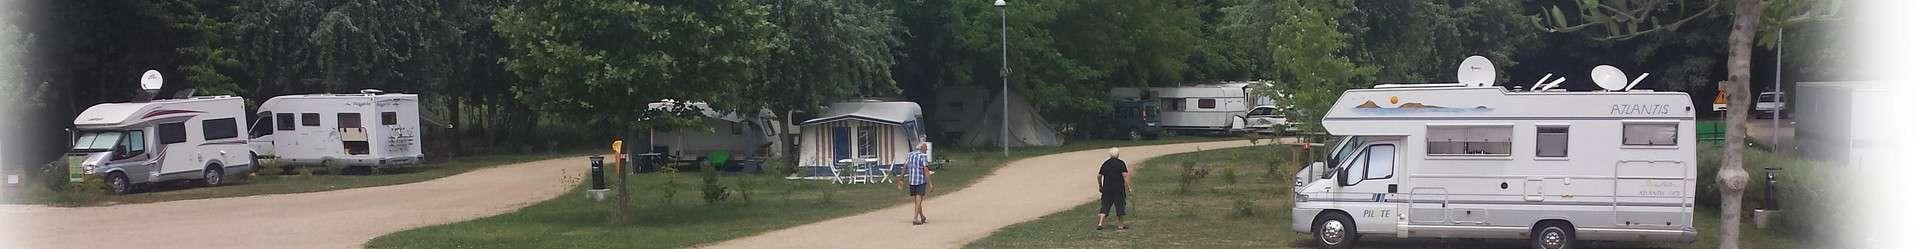 banniere-camping-mairie-de-cuisery-149